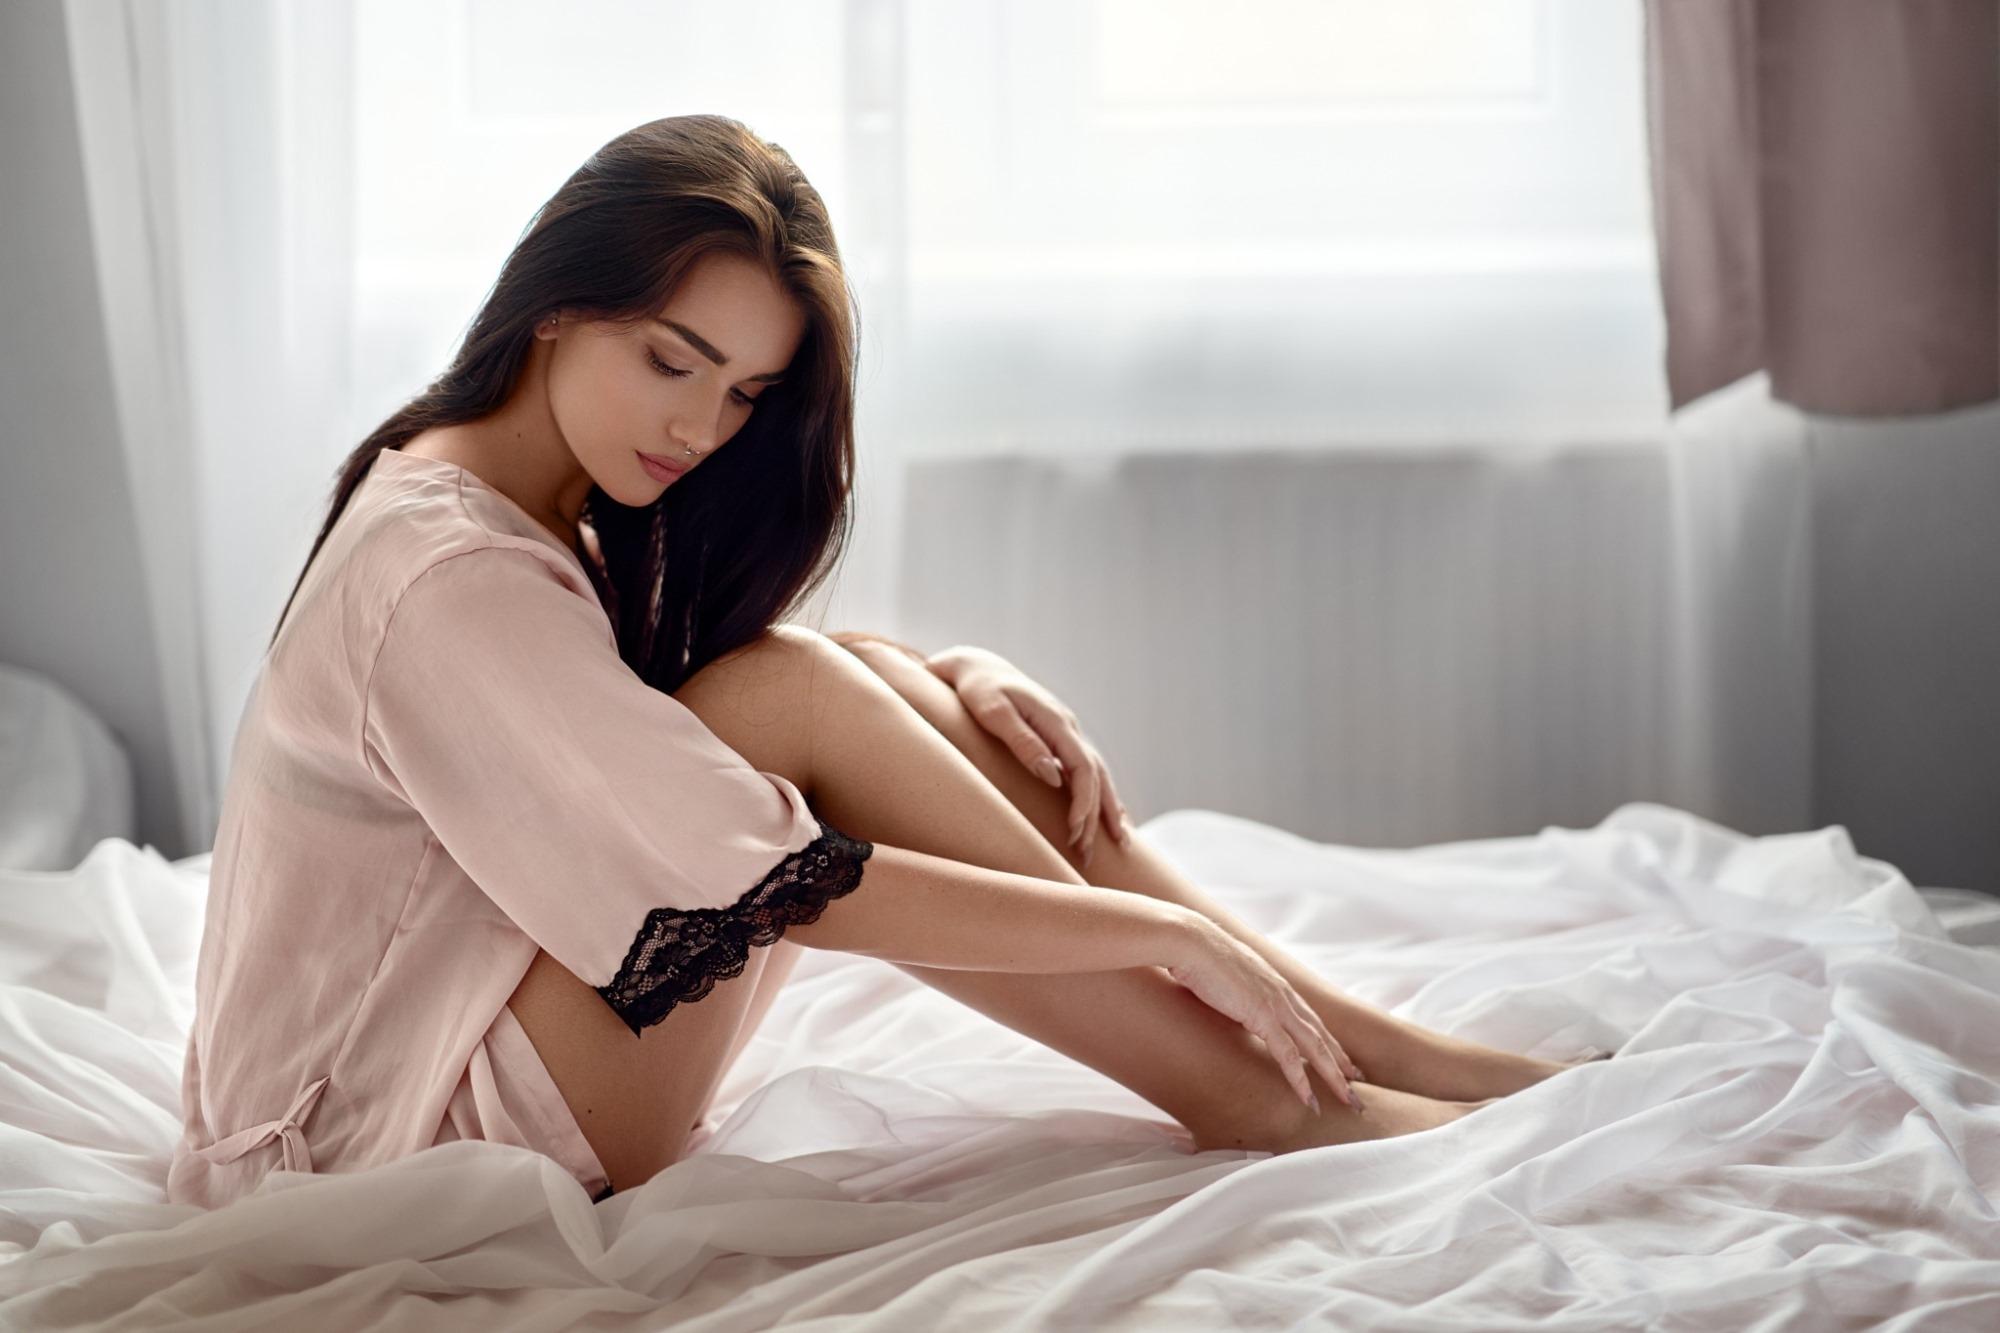 Сонник толкование снов голая девушка